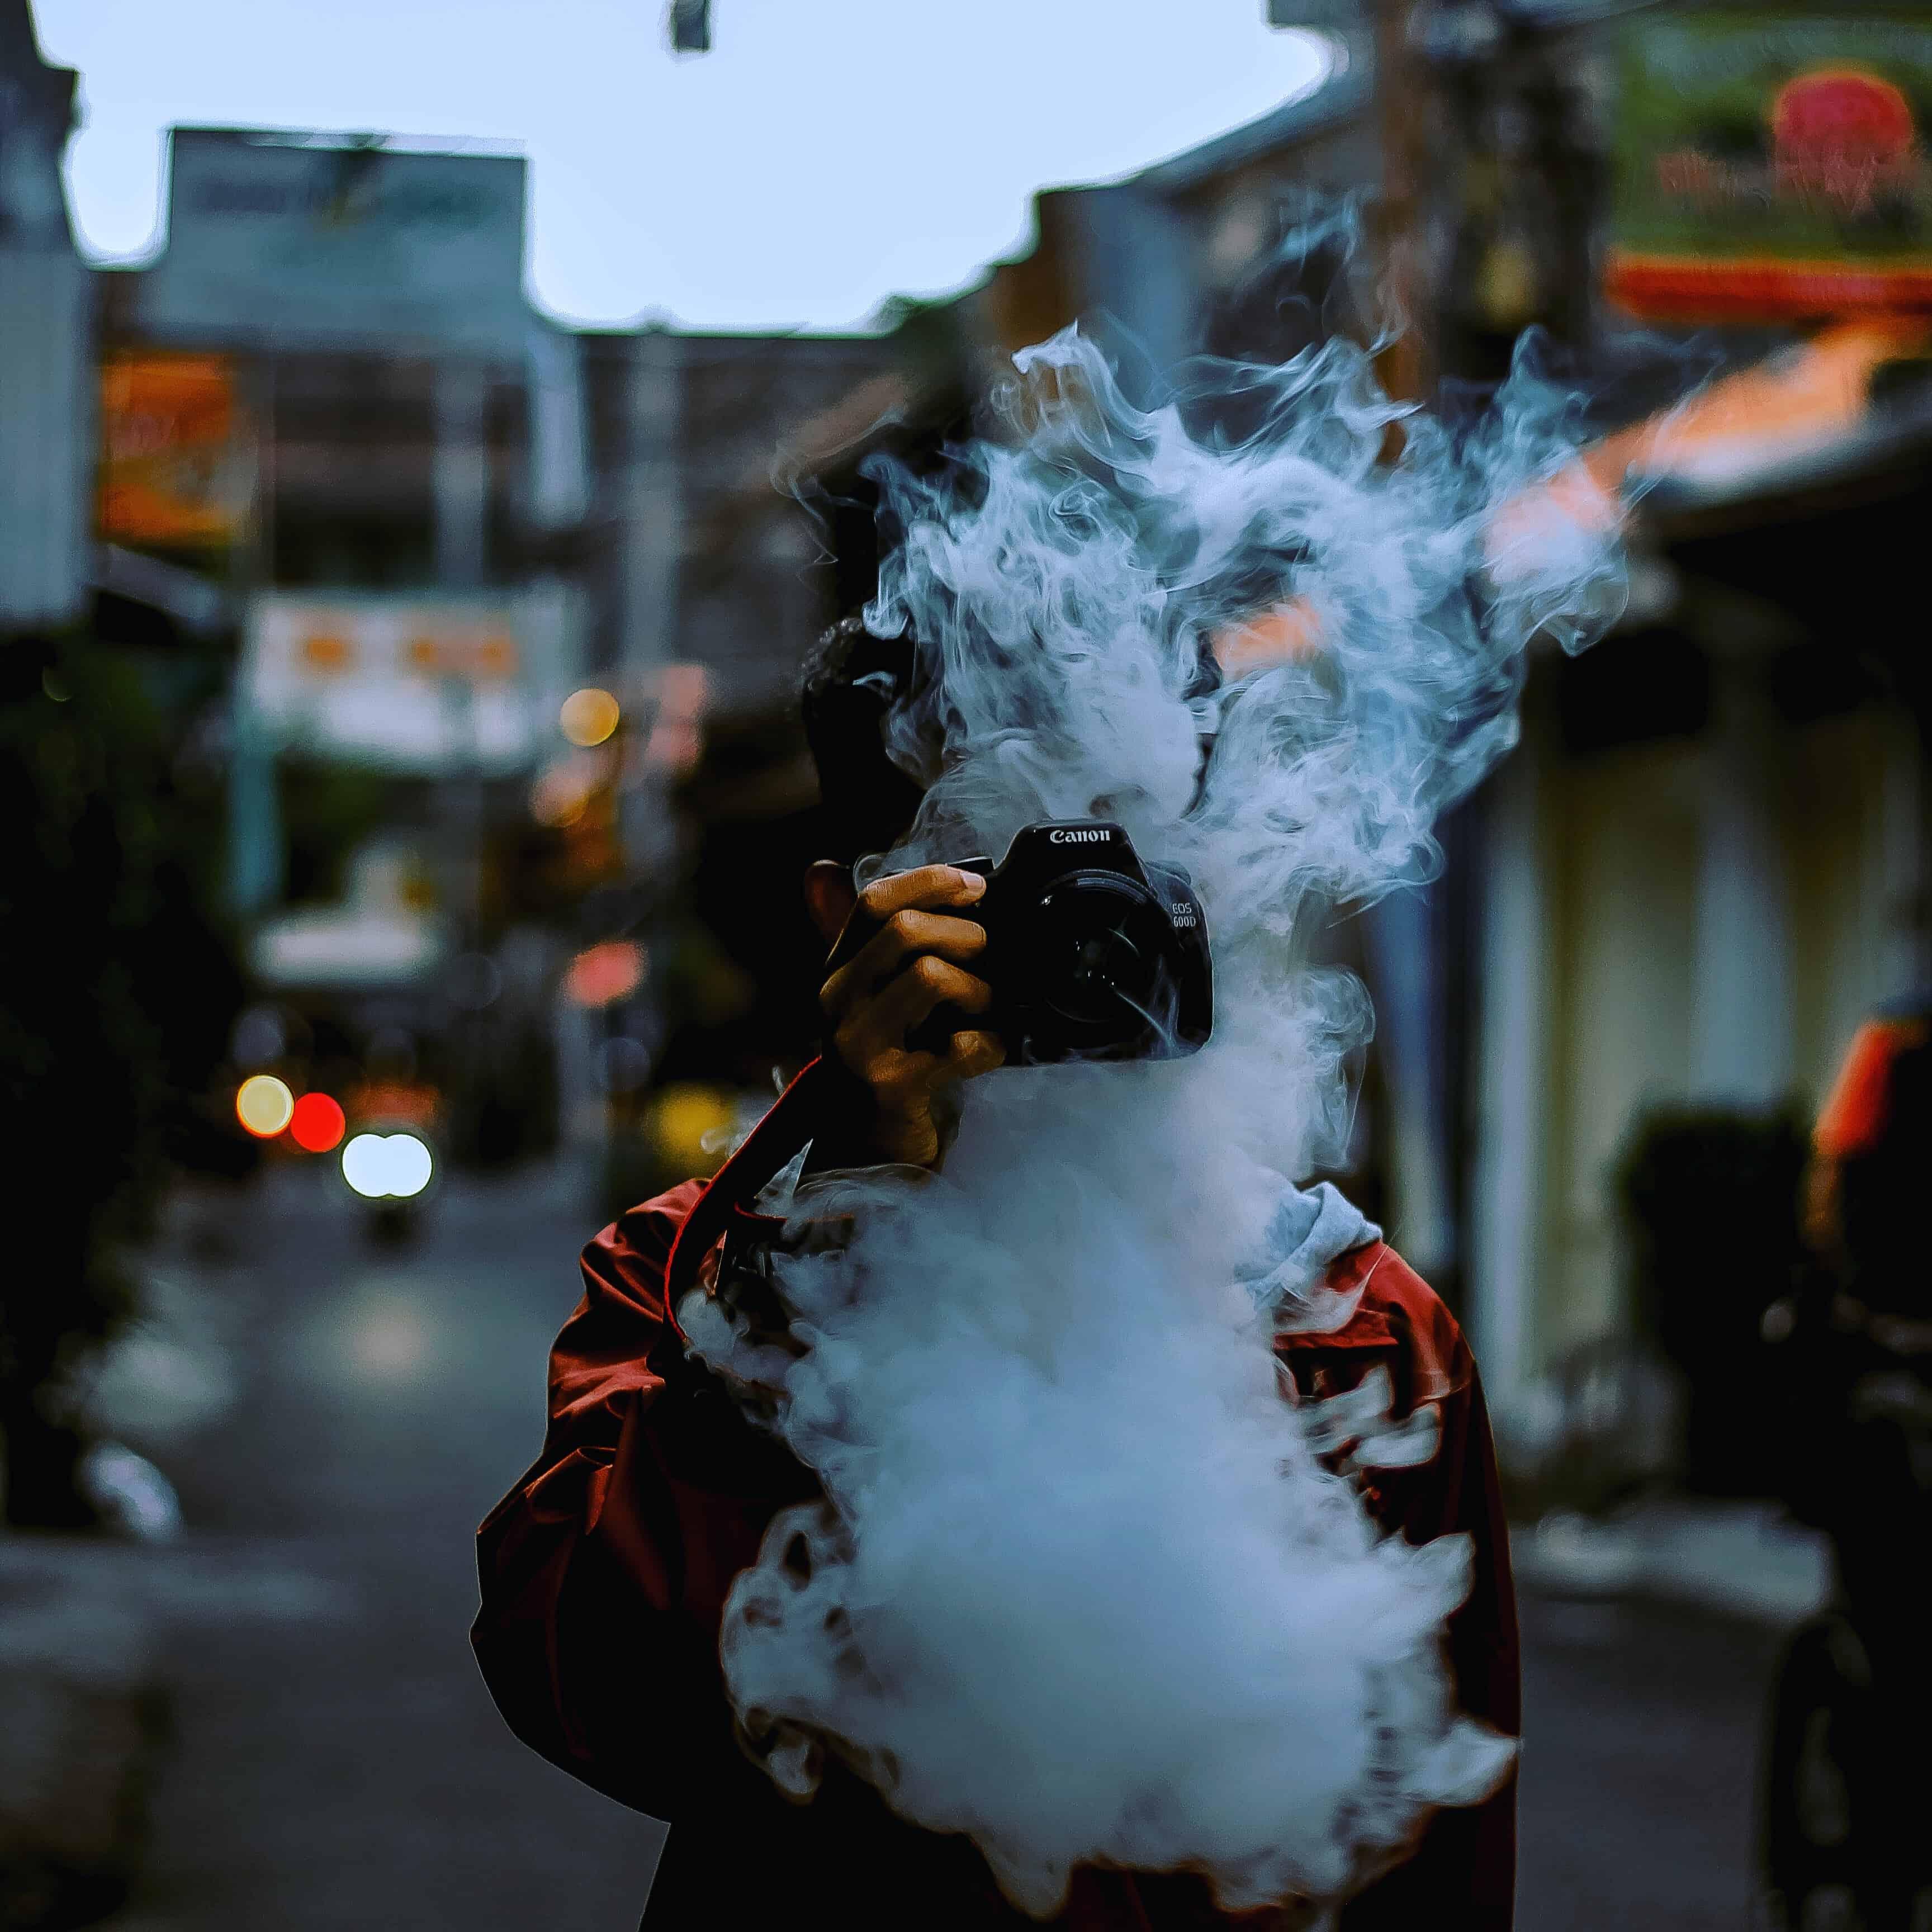 Junge mit Kamera und großer Rauchwolke